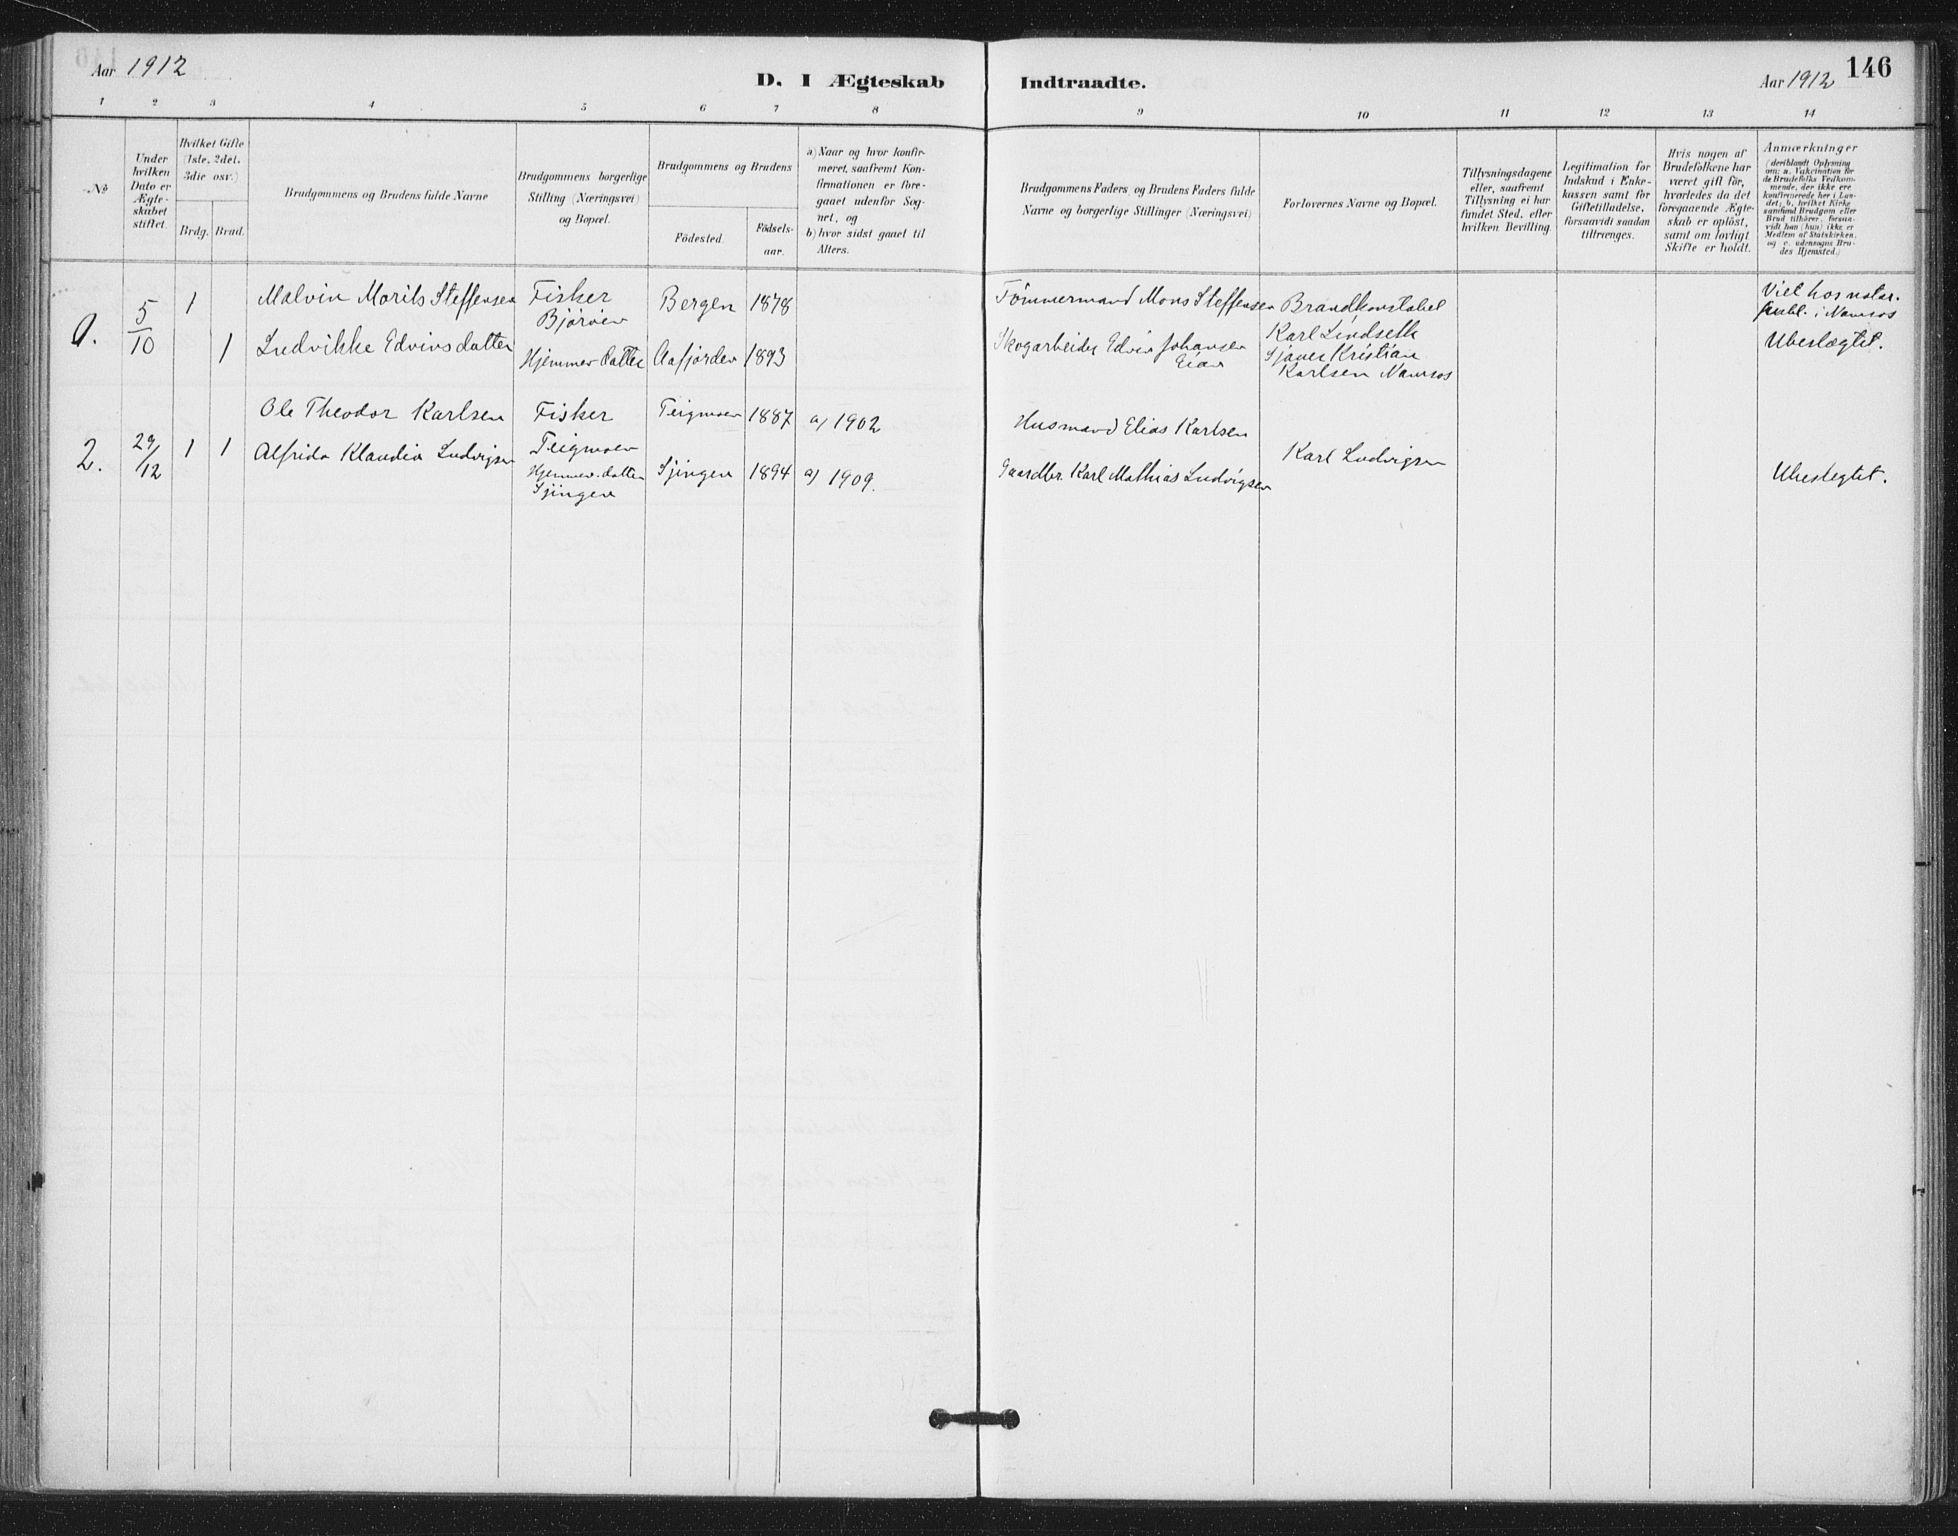 SAT, Ministerialprotokoller, klokkerbøker og fødselsregistre - Nord-Trøndelag, 772/L0603: Ministerialbok nr. 772A01, 1885-1912, s. 146